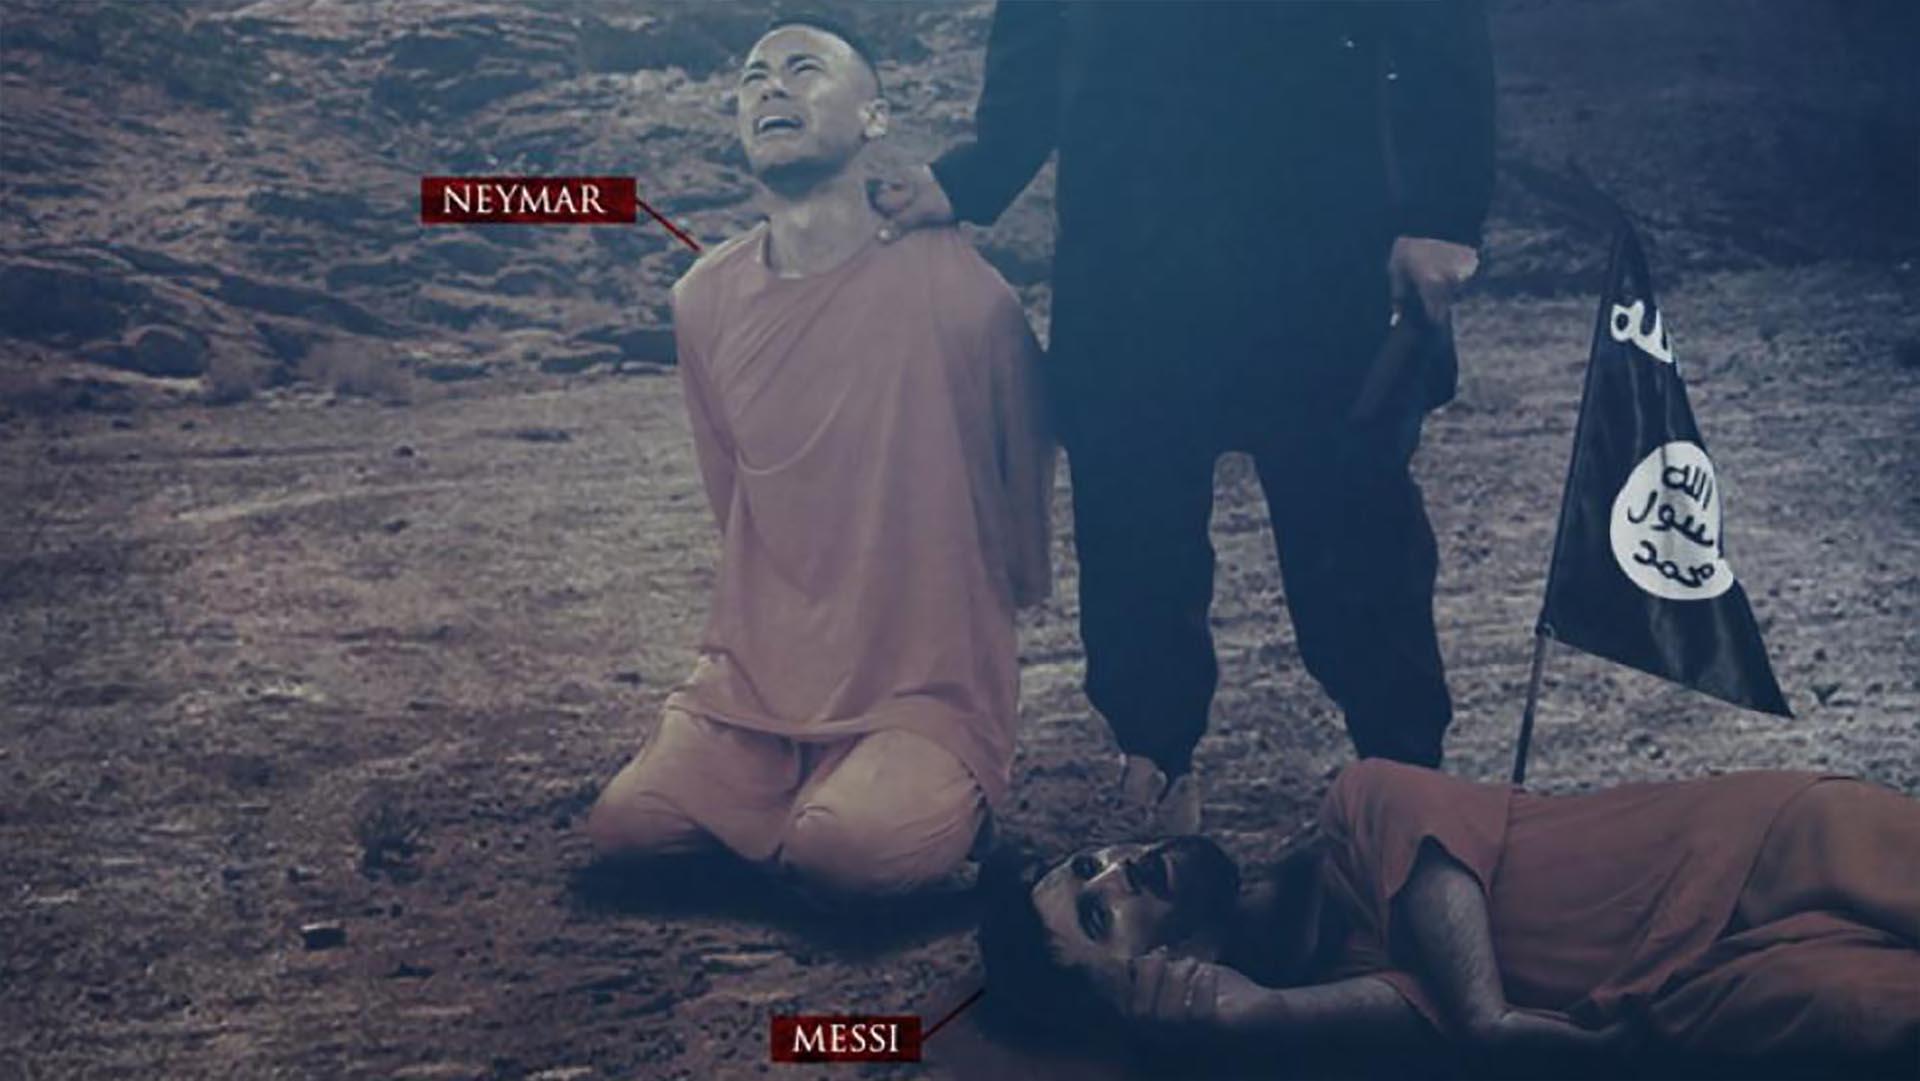 El ISIS ya había amenazado a Messi y a Neymar